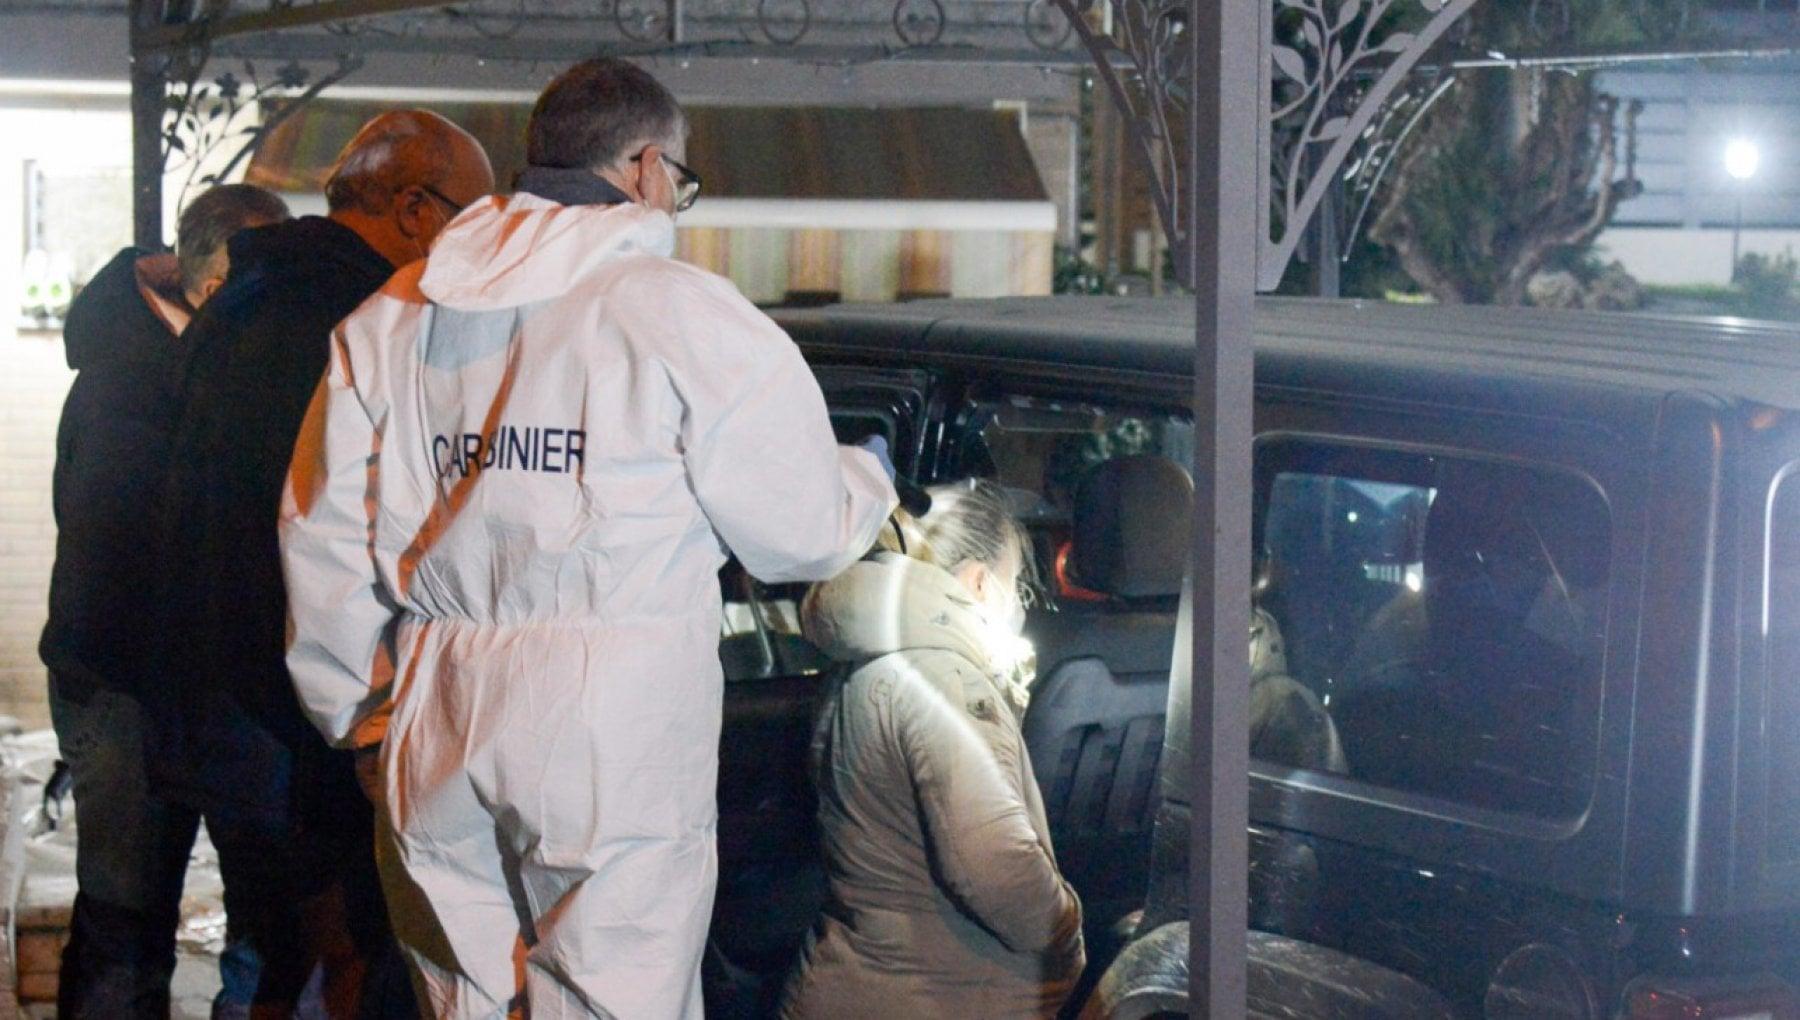 Montecassiano anziana morta in casa la notte della vigilia di Natale Aveva chiamato un centro antiviolenza